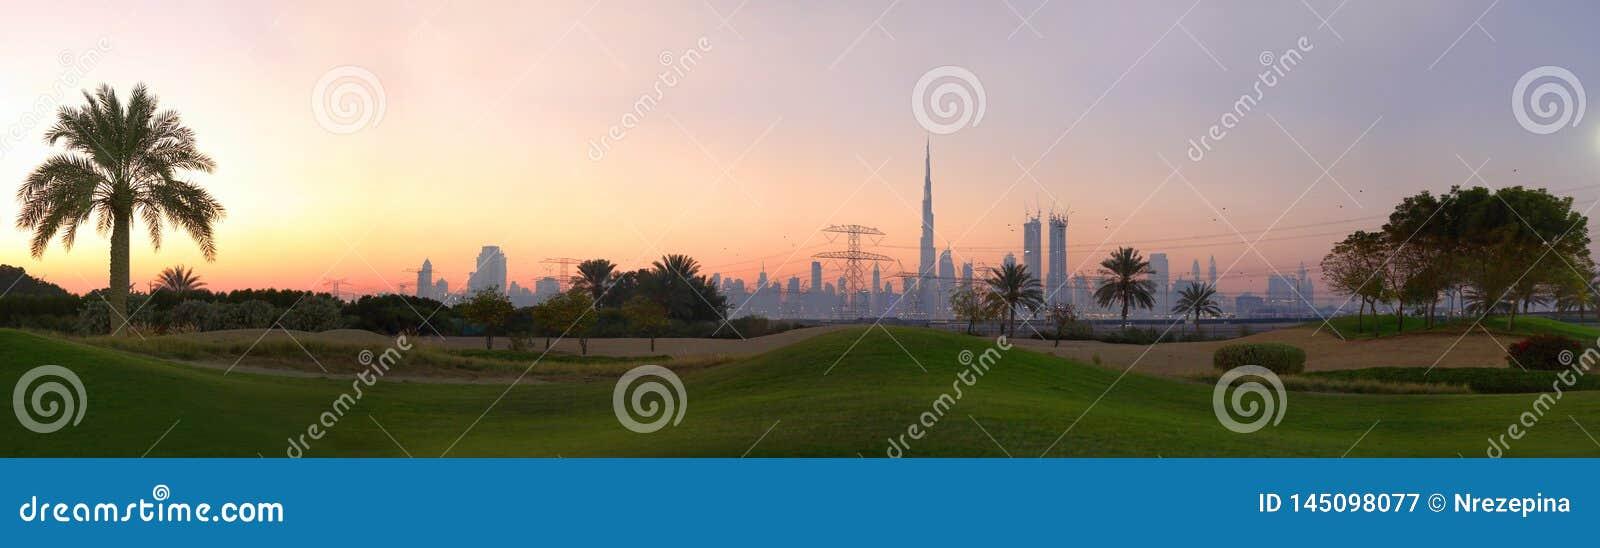 Поле для гольфа в Дубай